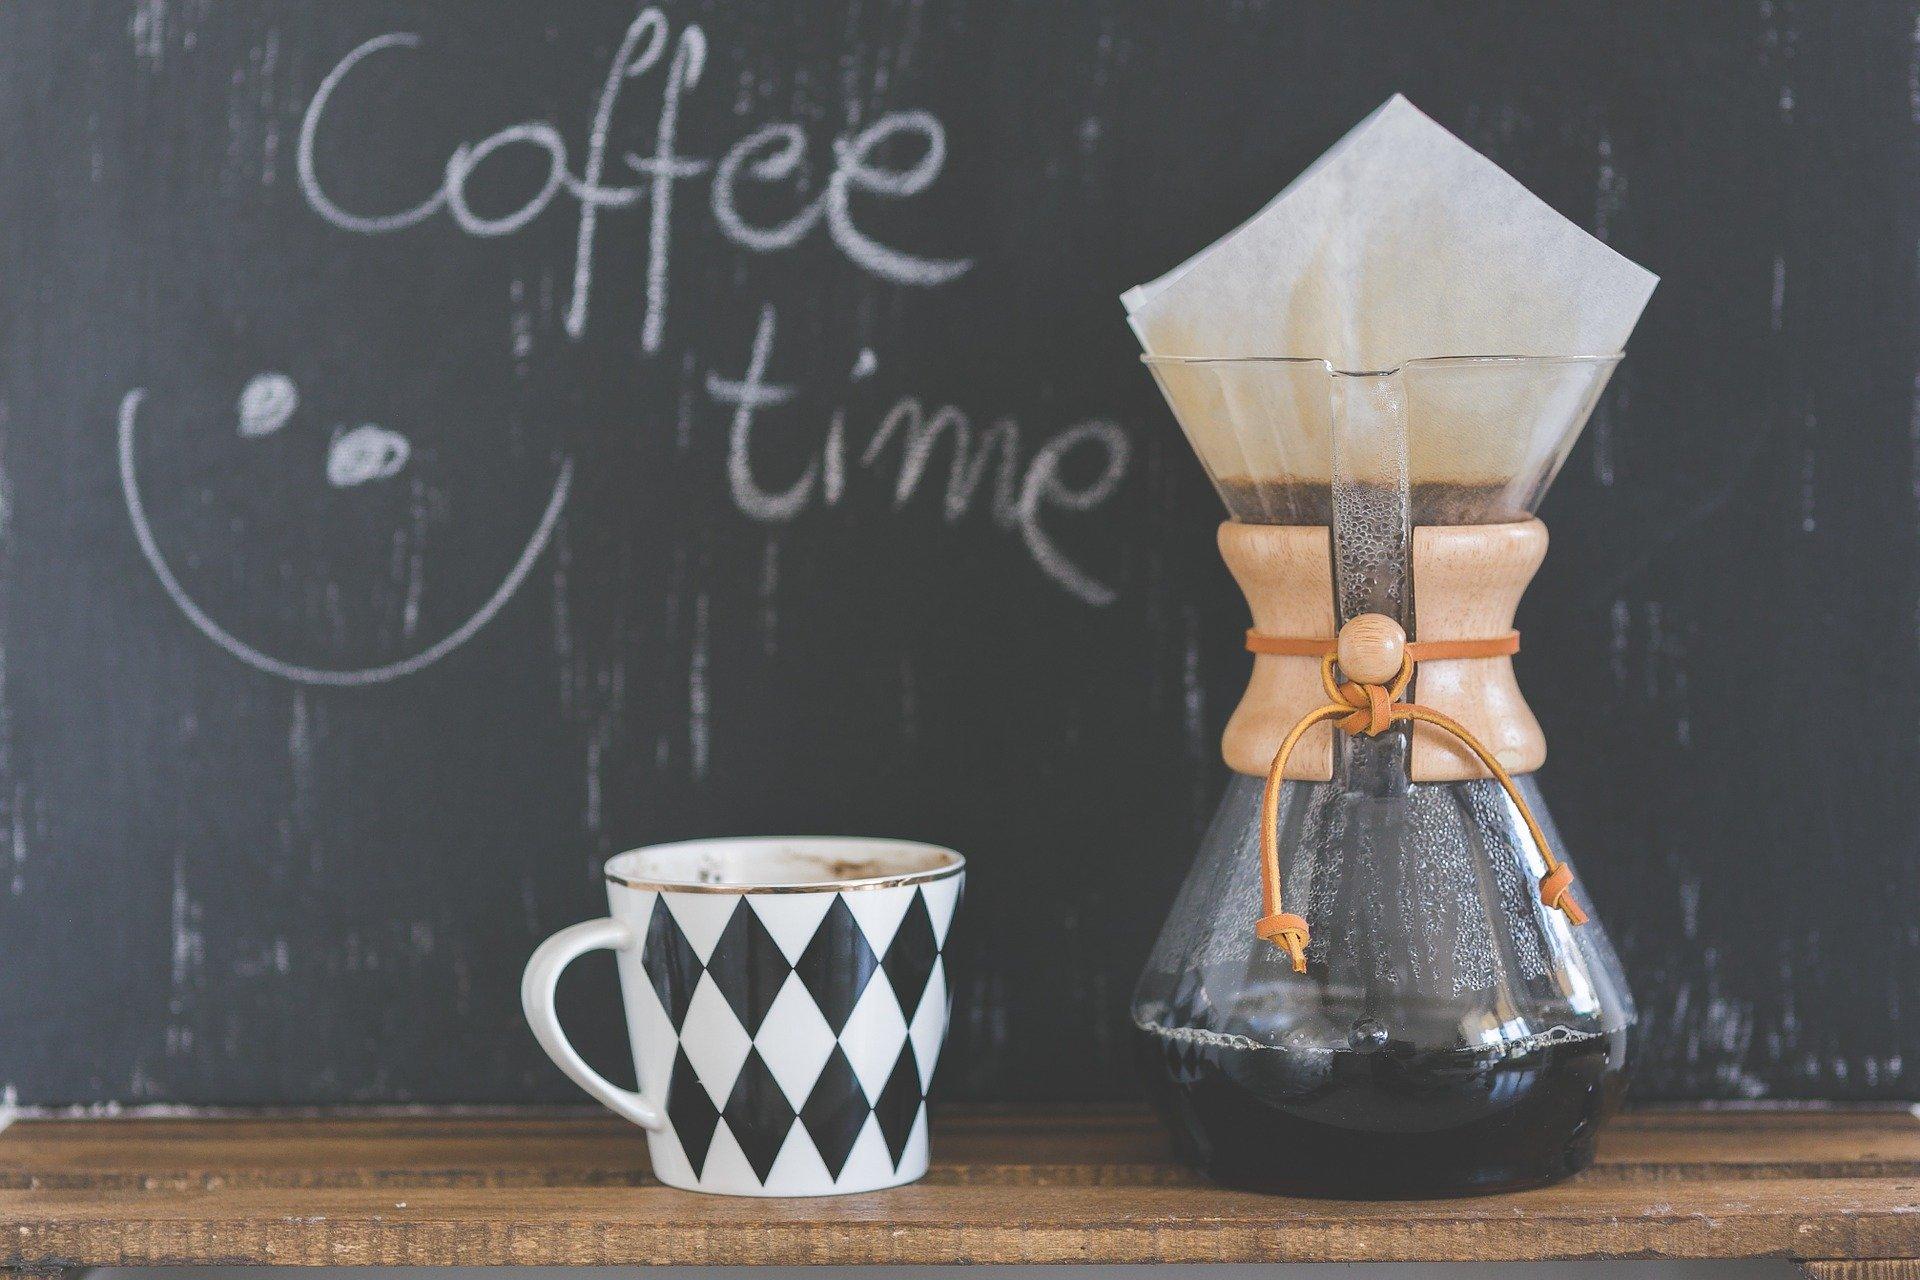 chemex, filtrovaná káva, alternativní příprava kávy